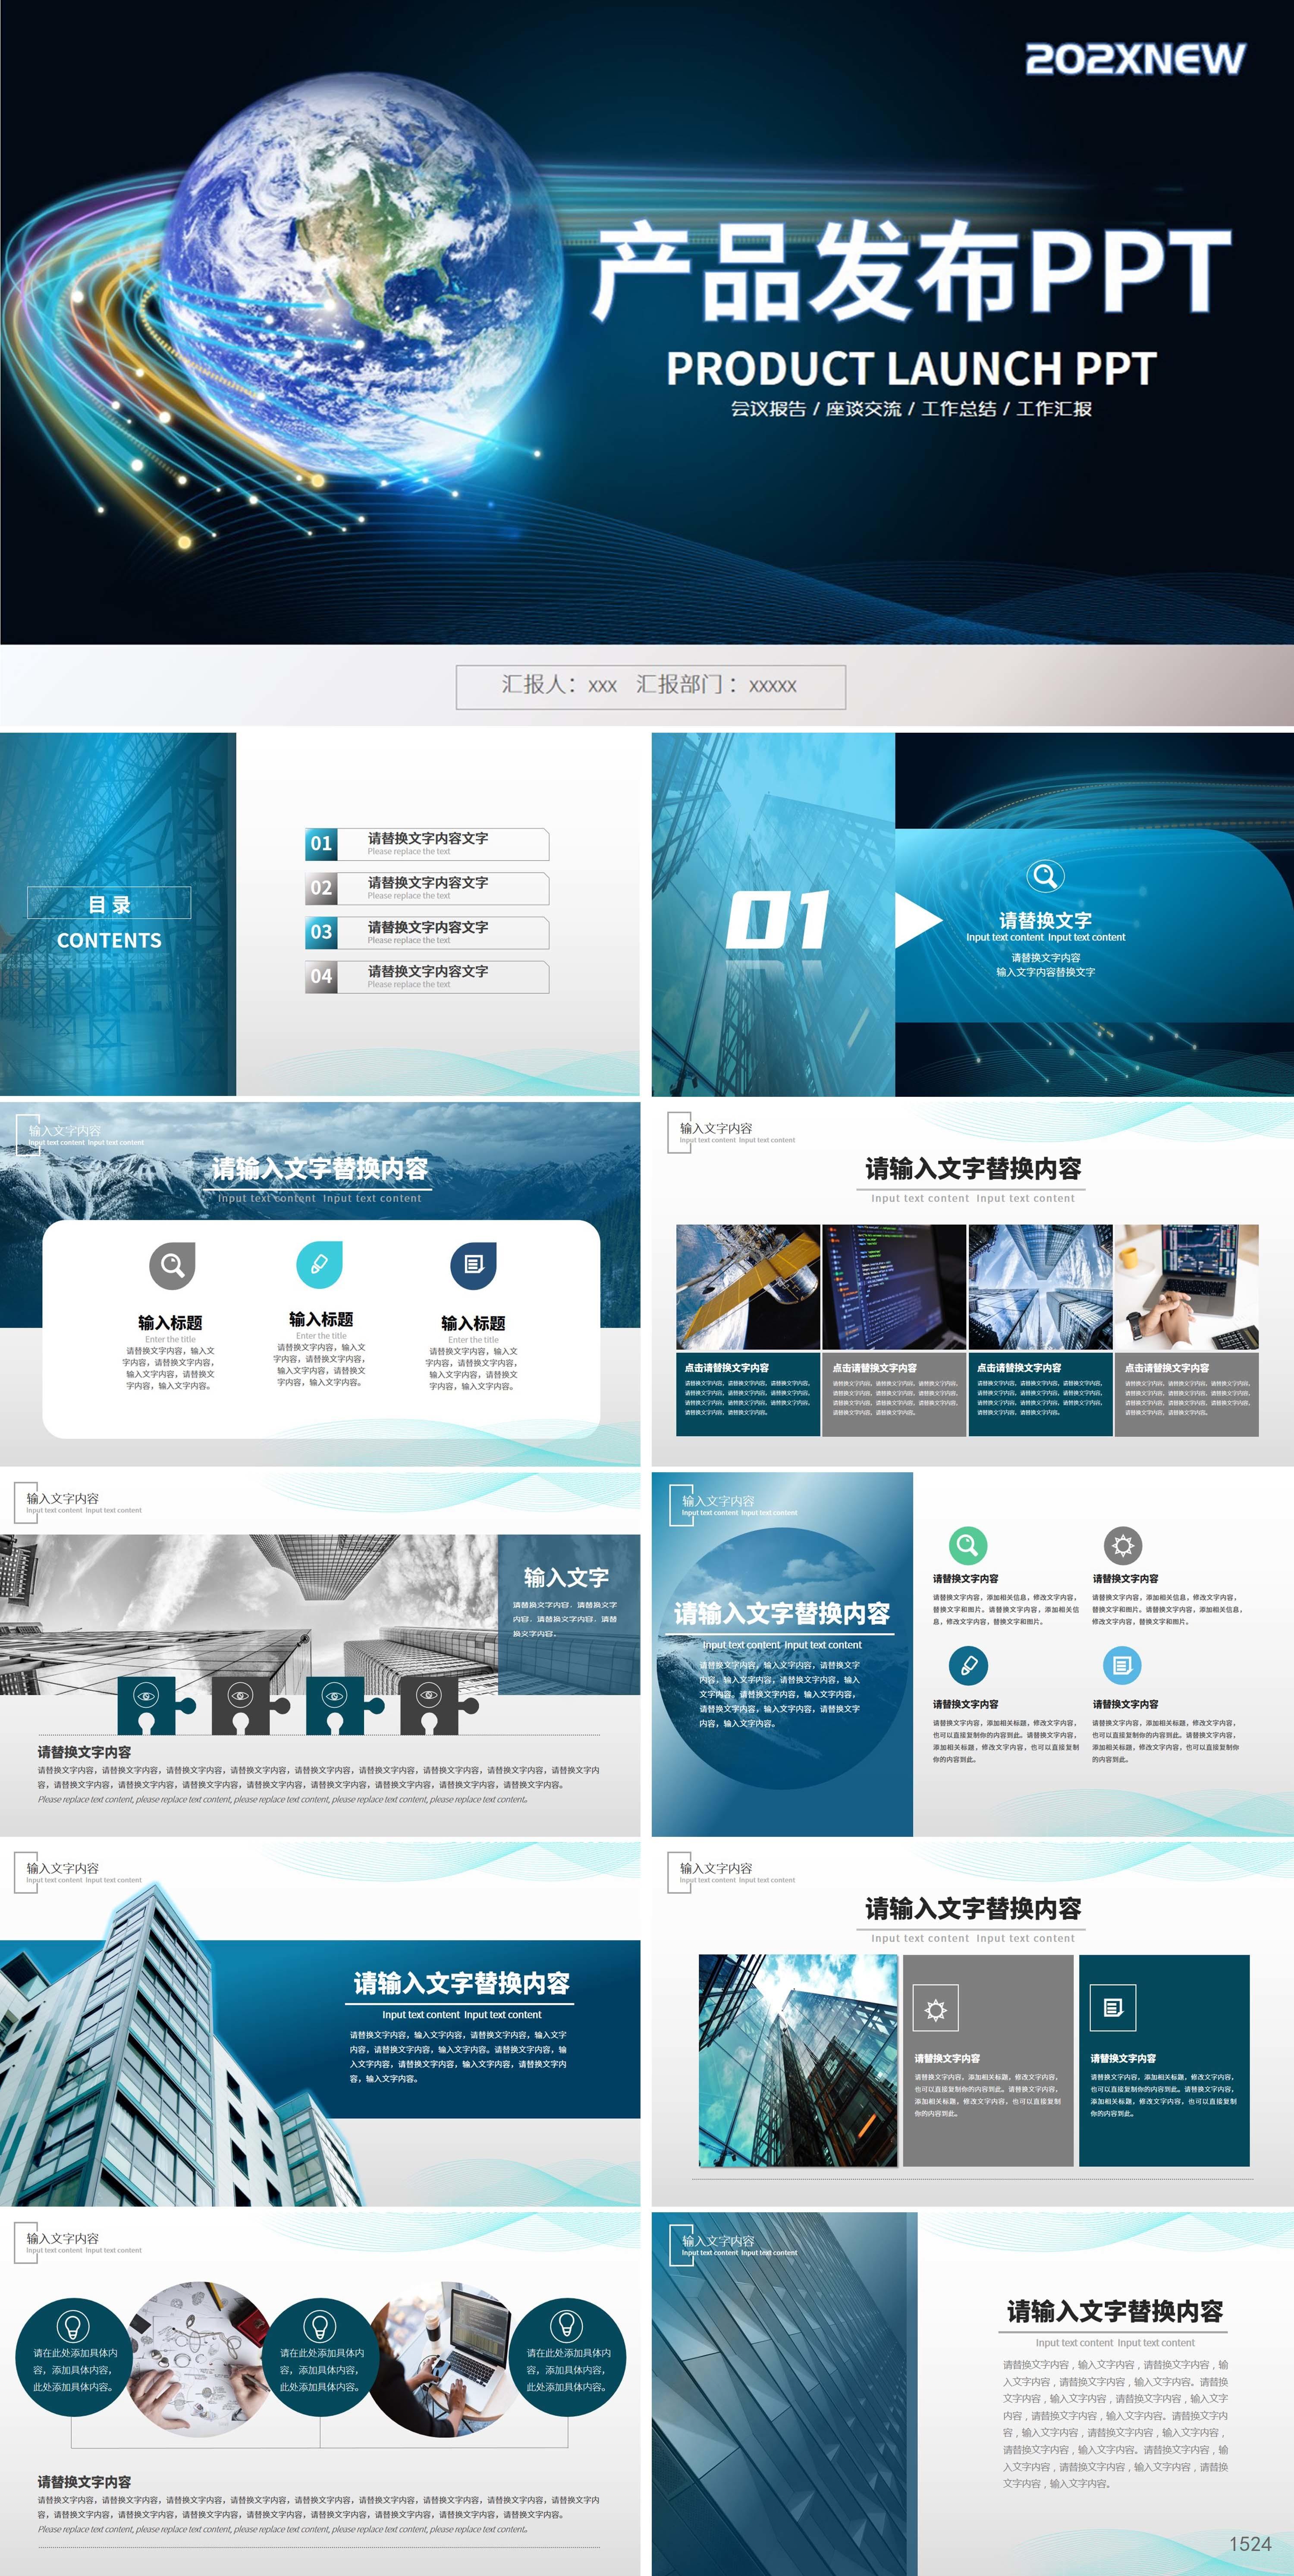 蓝色简约科技产品发布PPT模板